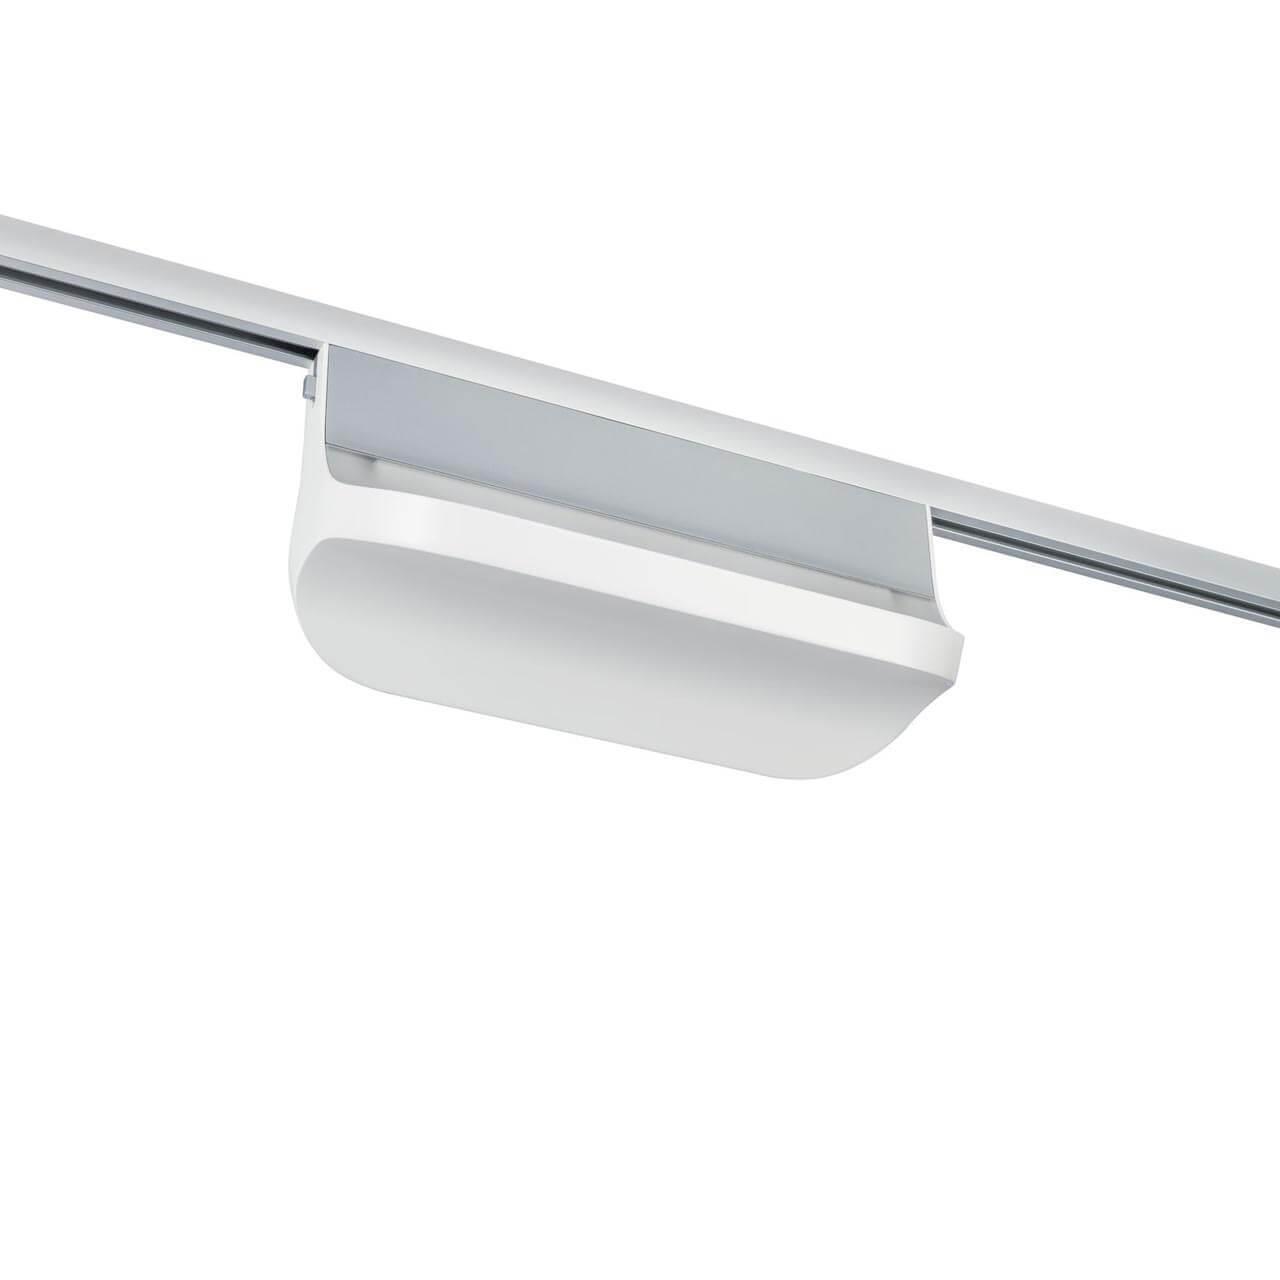 Трековый светодиодный светильник Paulmann URail Chronos 95505